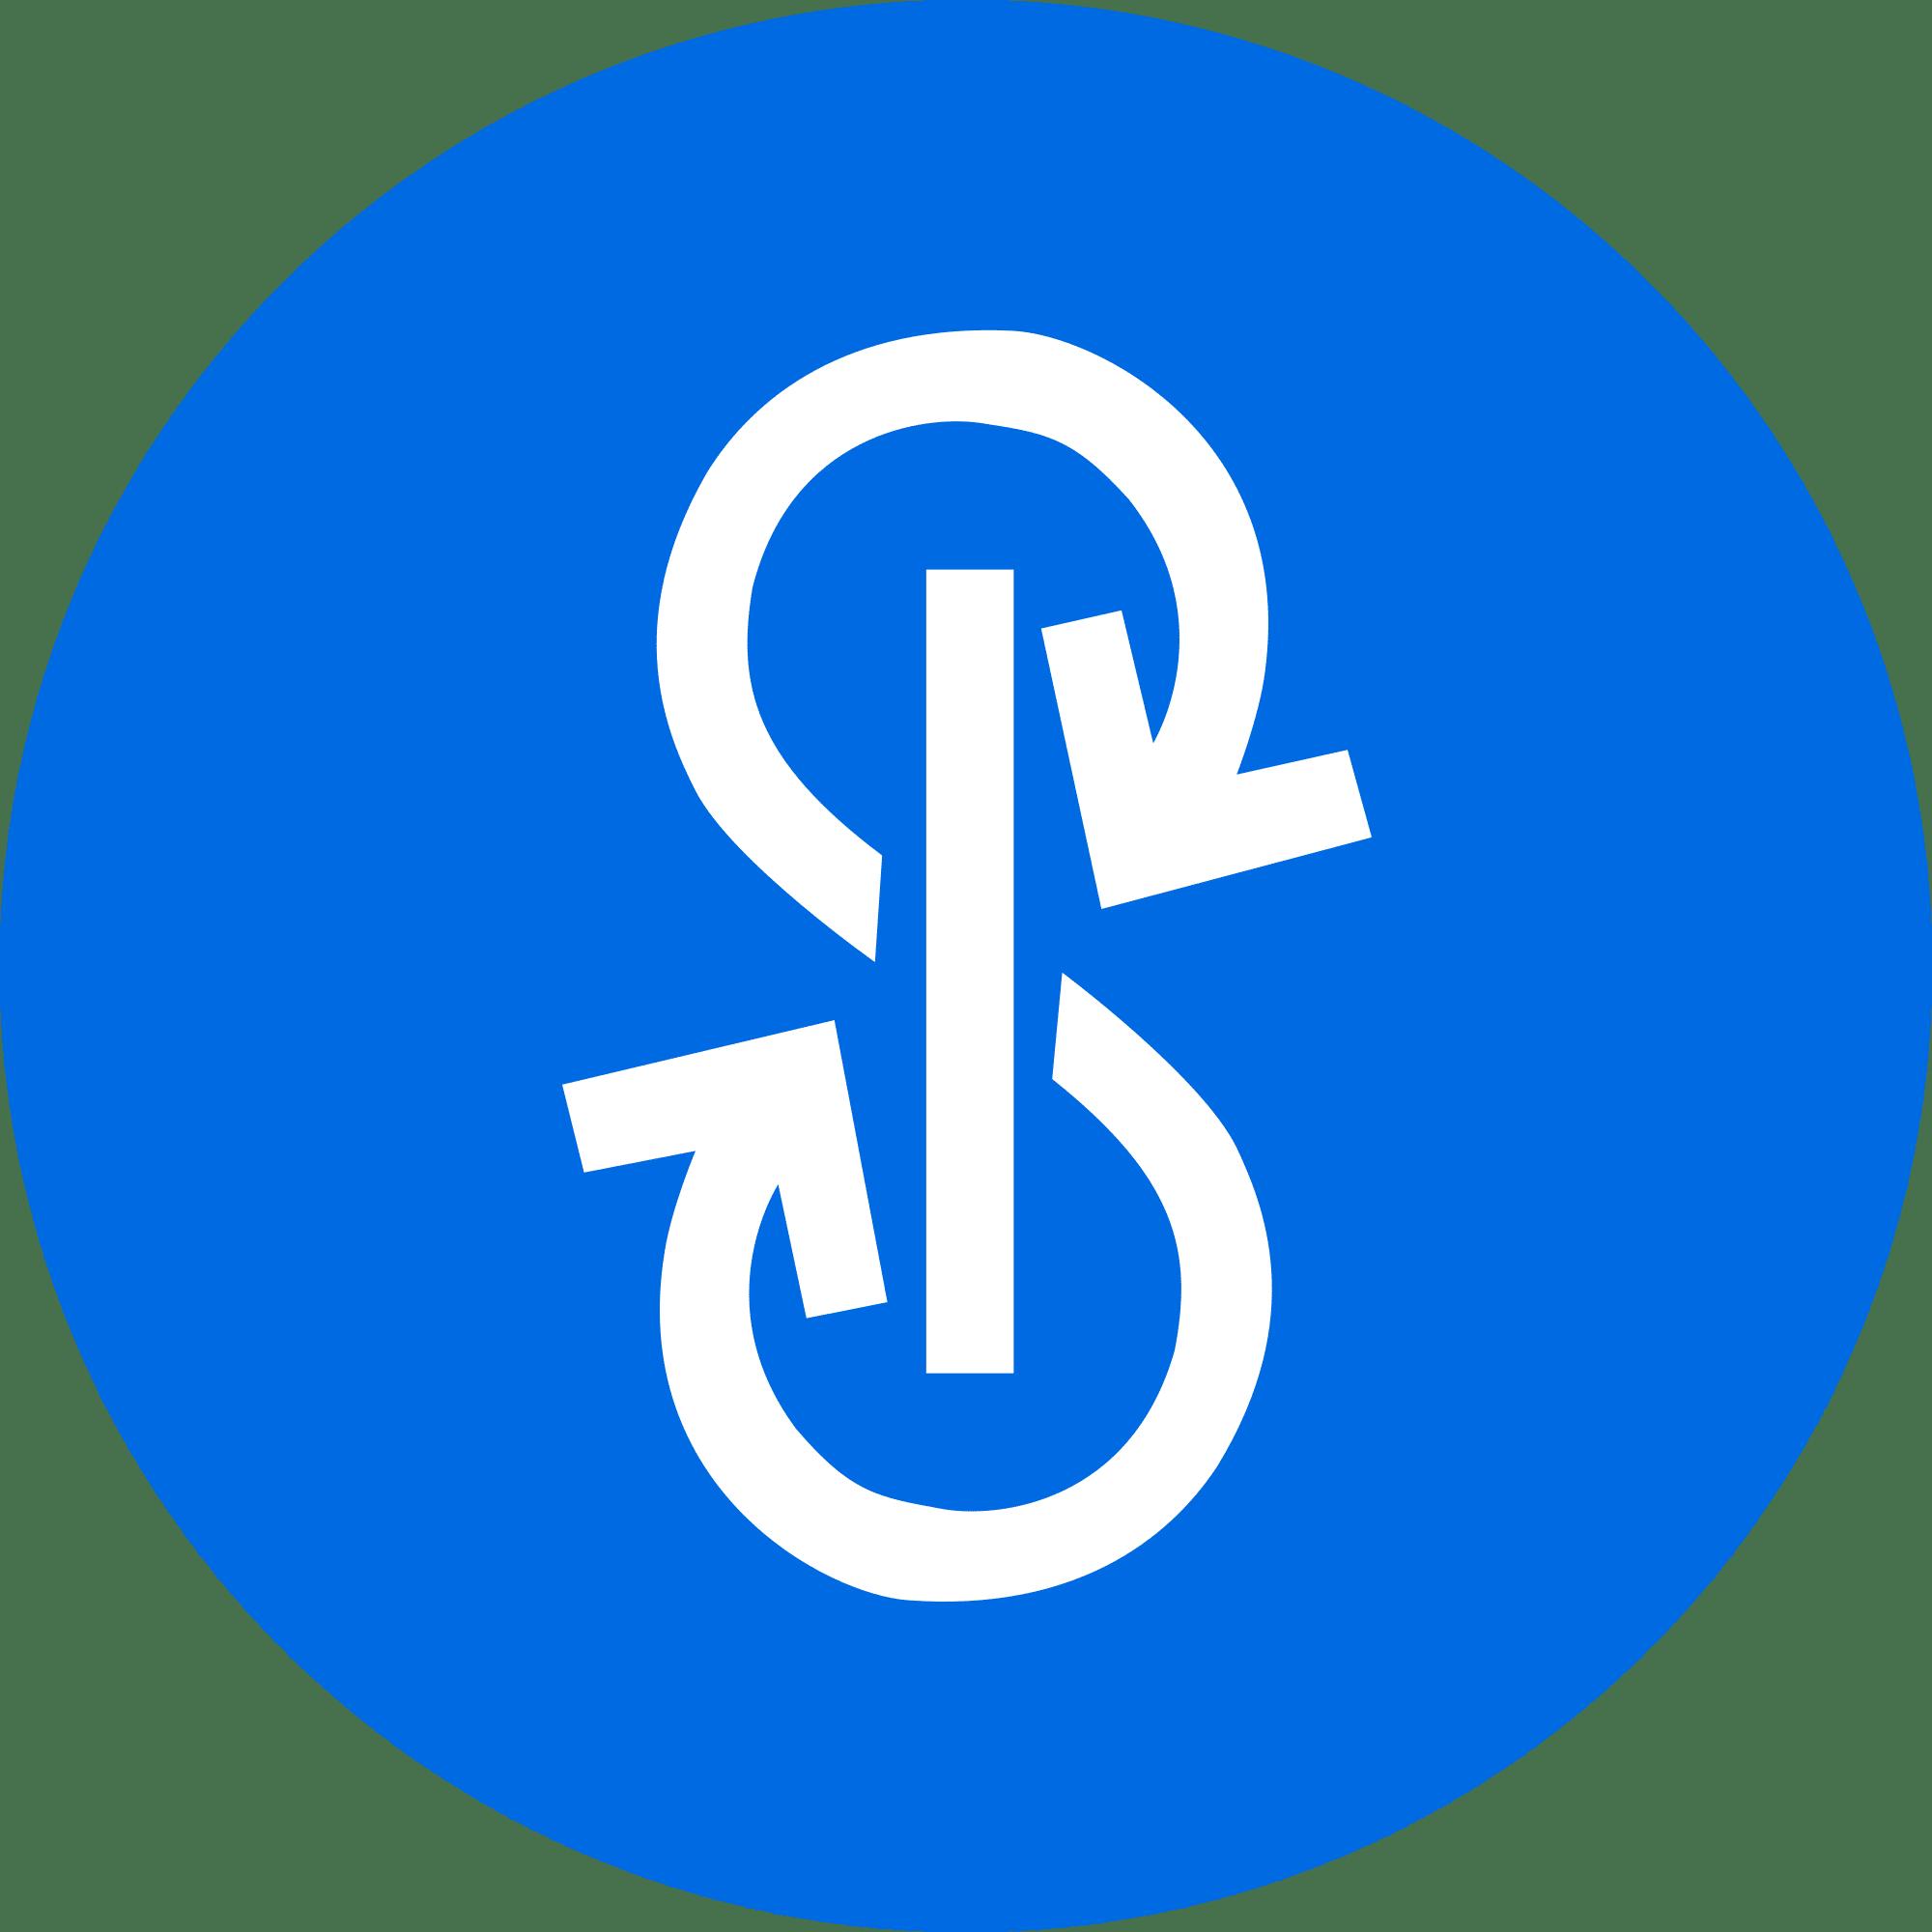 yearn finance logo